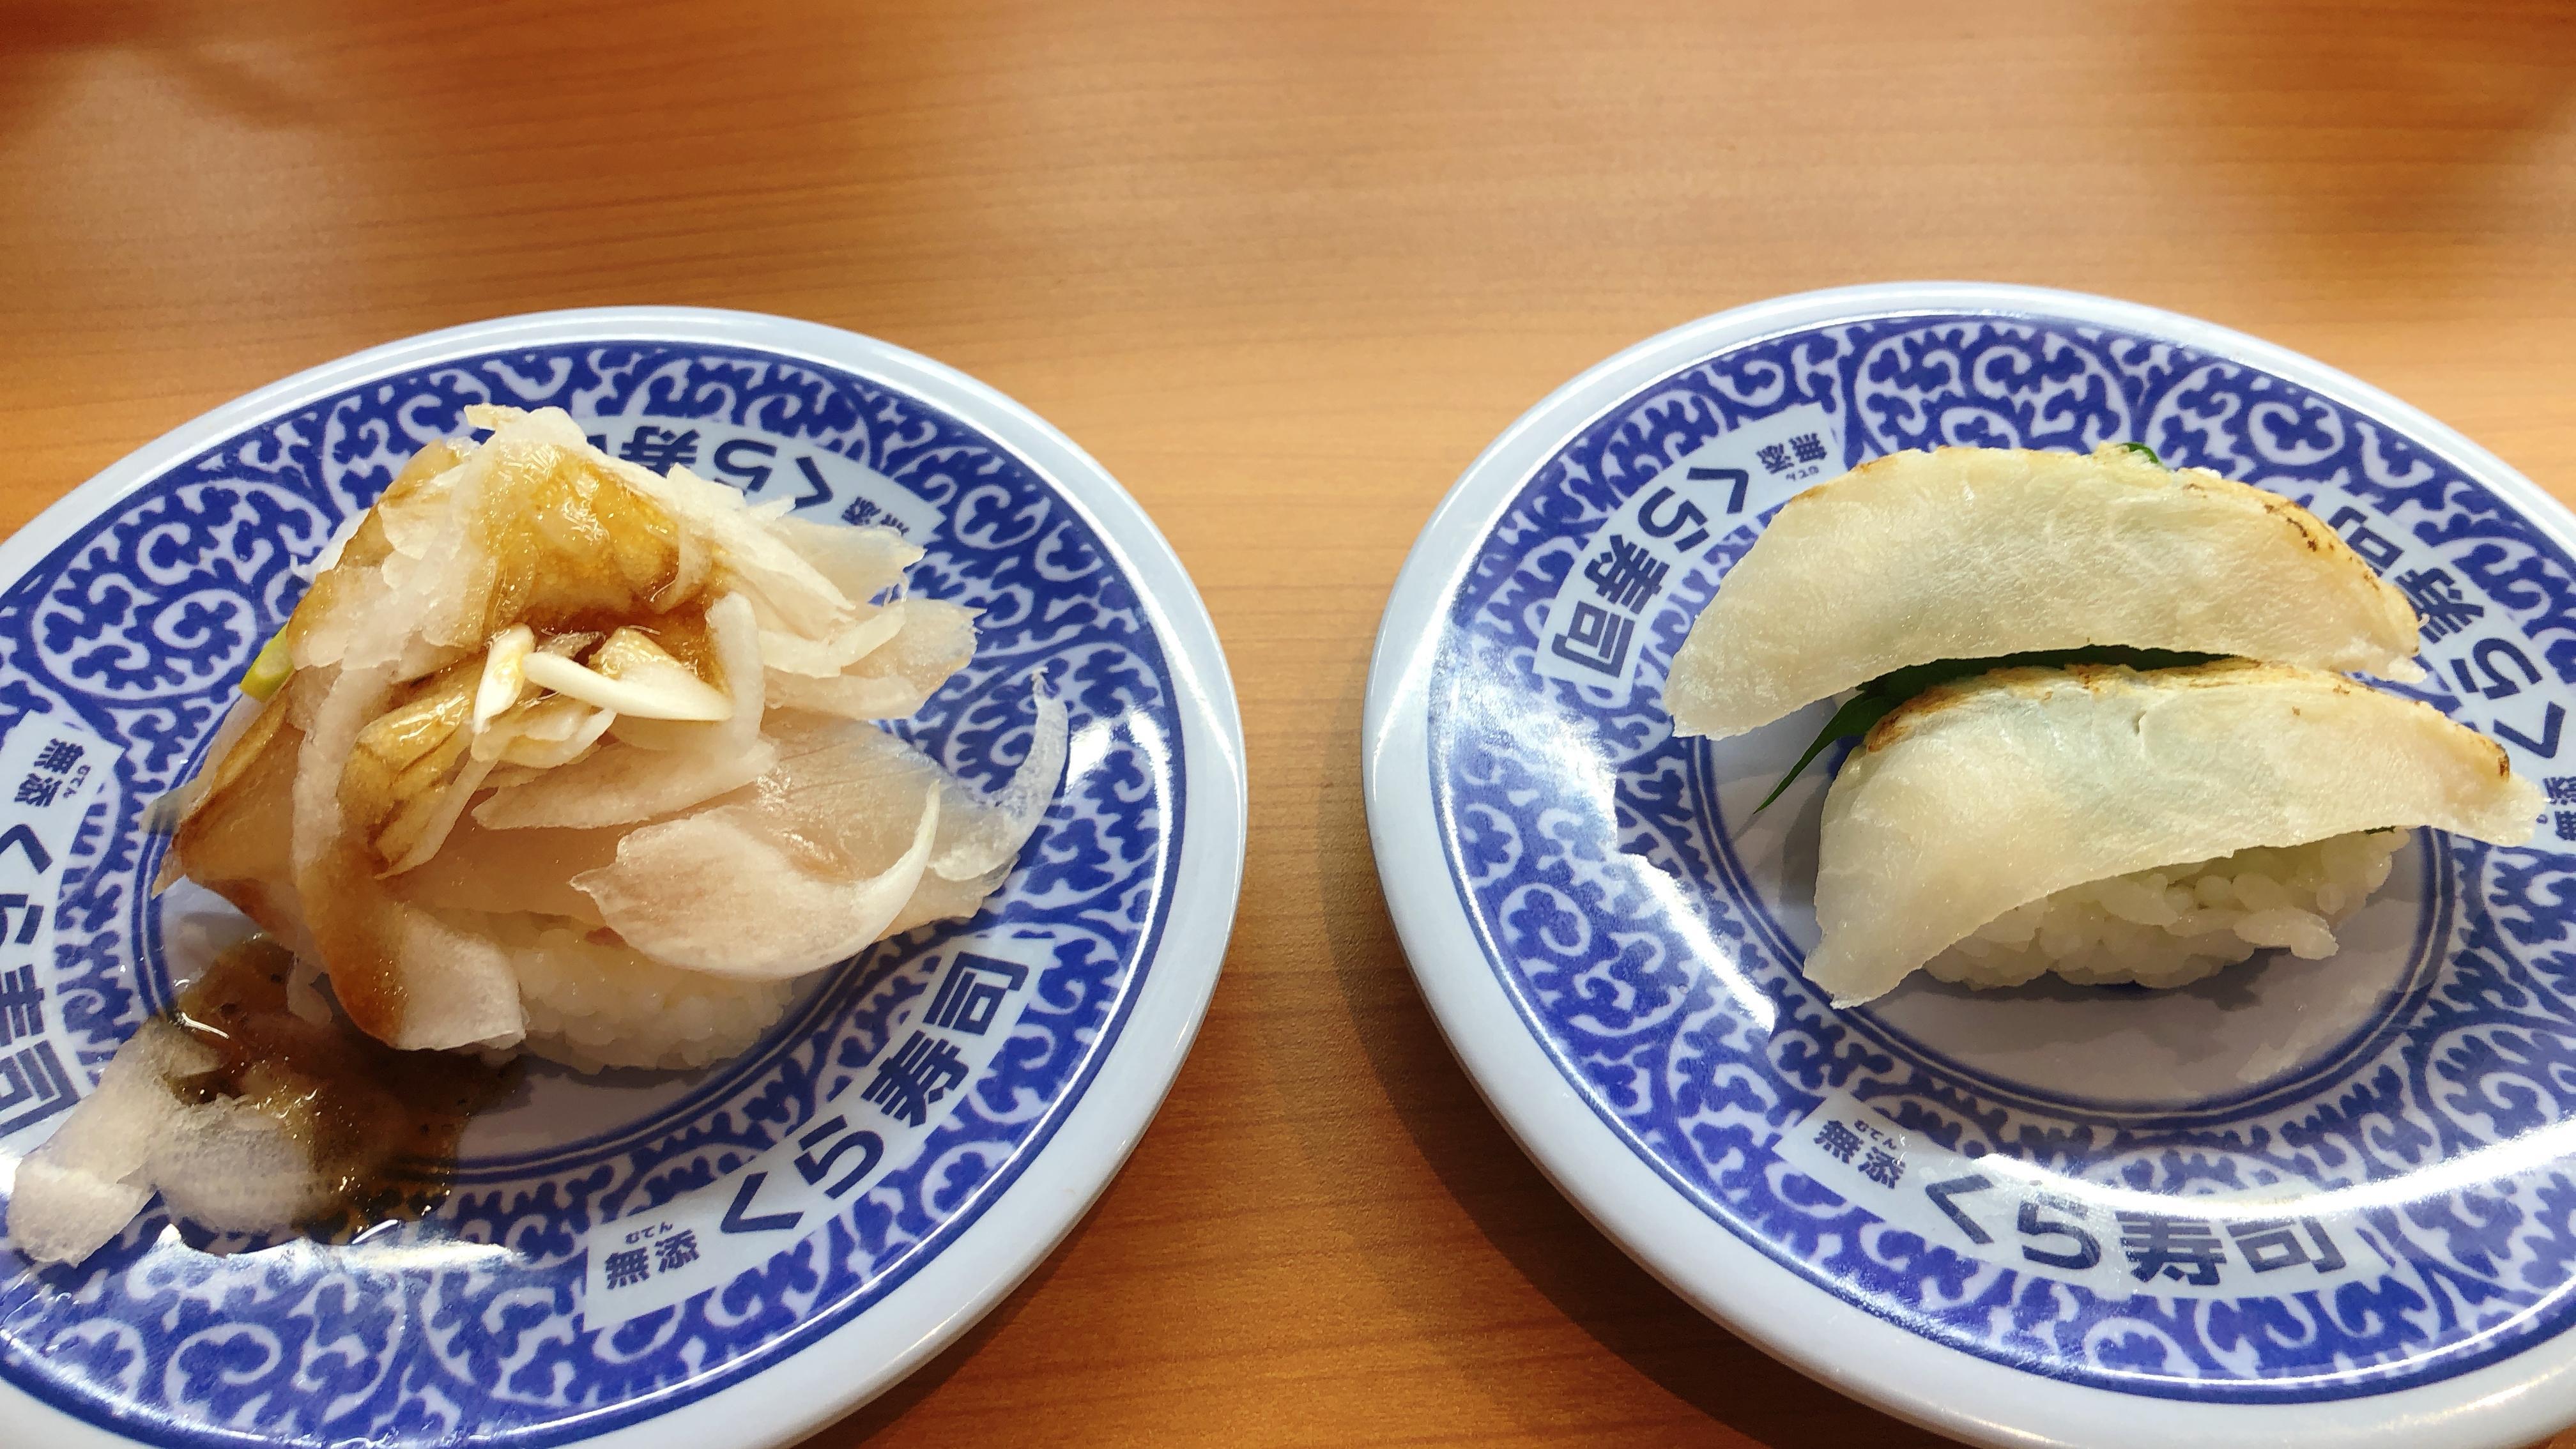 【画像】◯◯寿司に来たったwwwwwwww